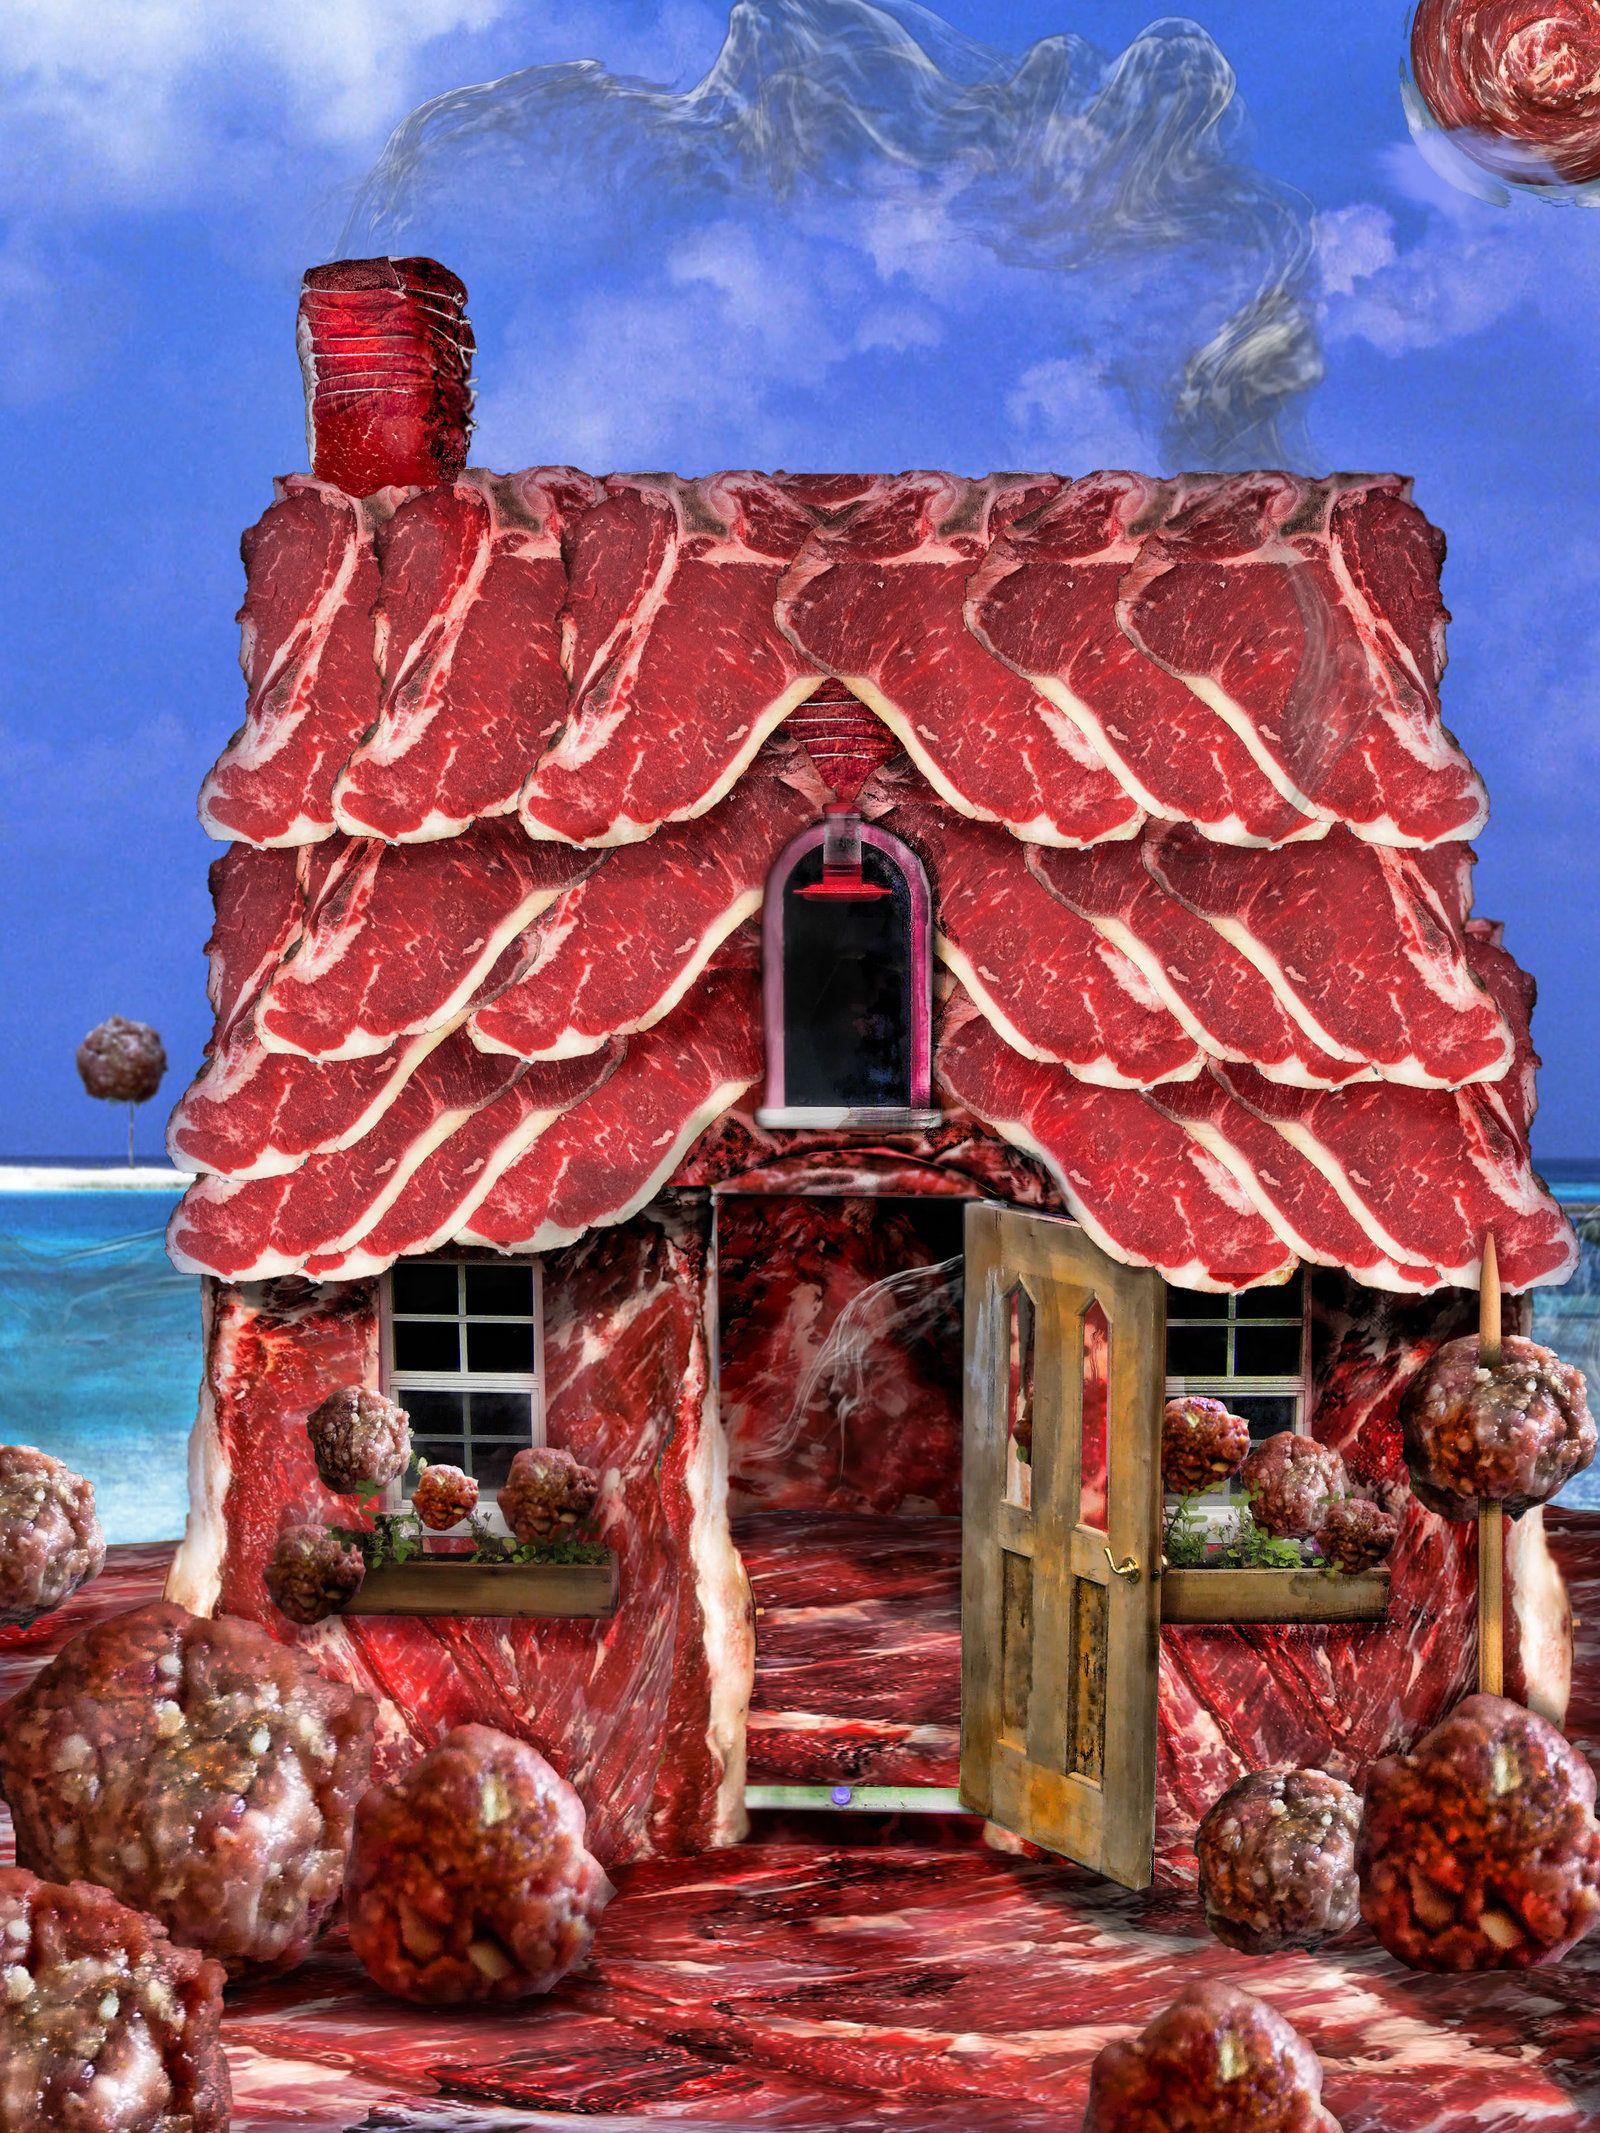 meat house by preemiememe on DeviantArt